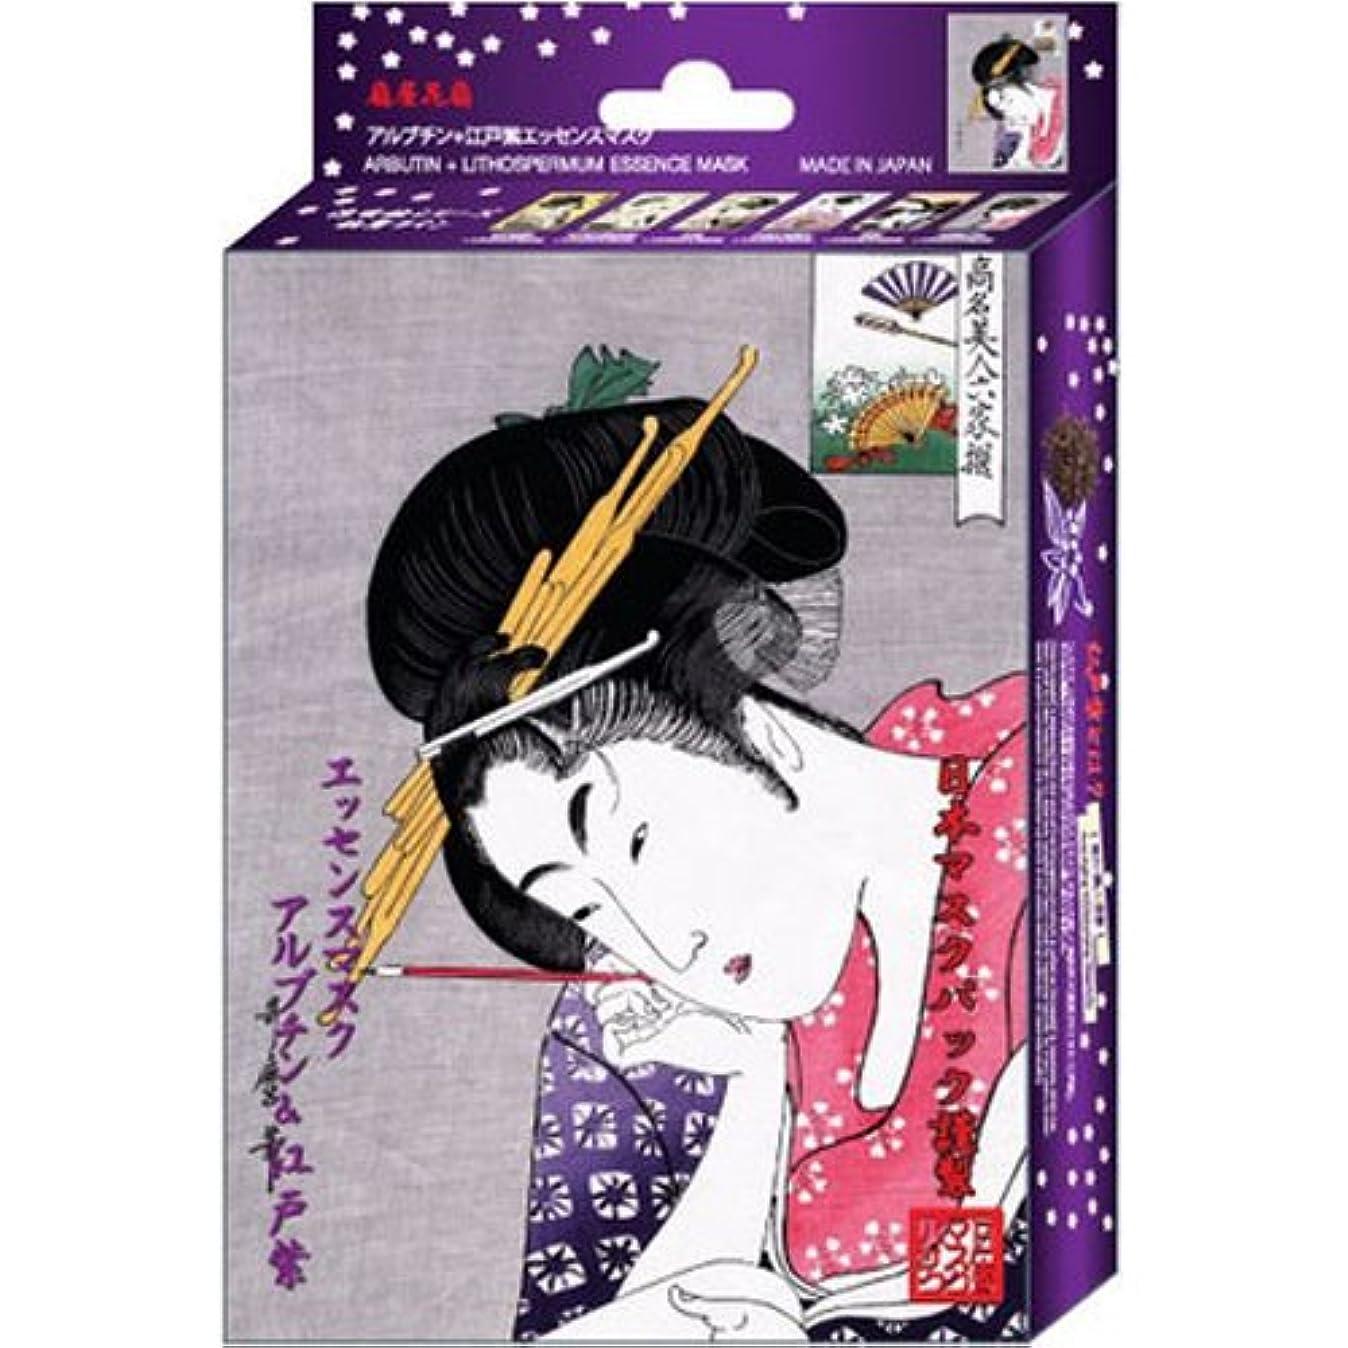 と遊ぶくつろぎバター浮世絵シリーズ 歌麿ライン エッセンスマスク アルブチン+江戸紫 (10枚入)